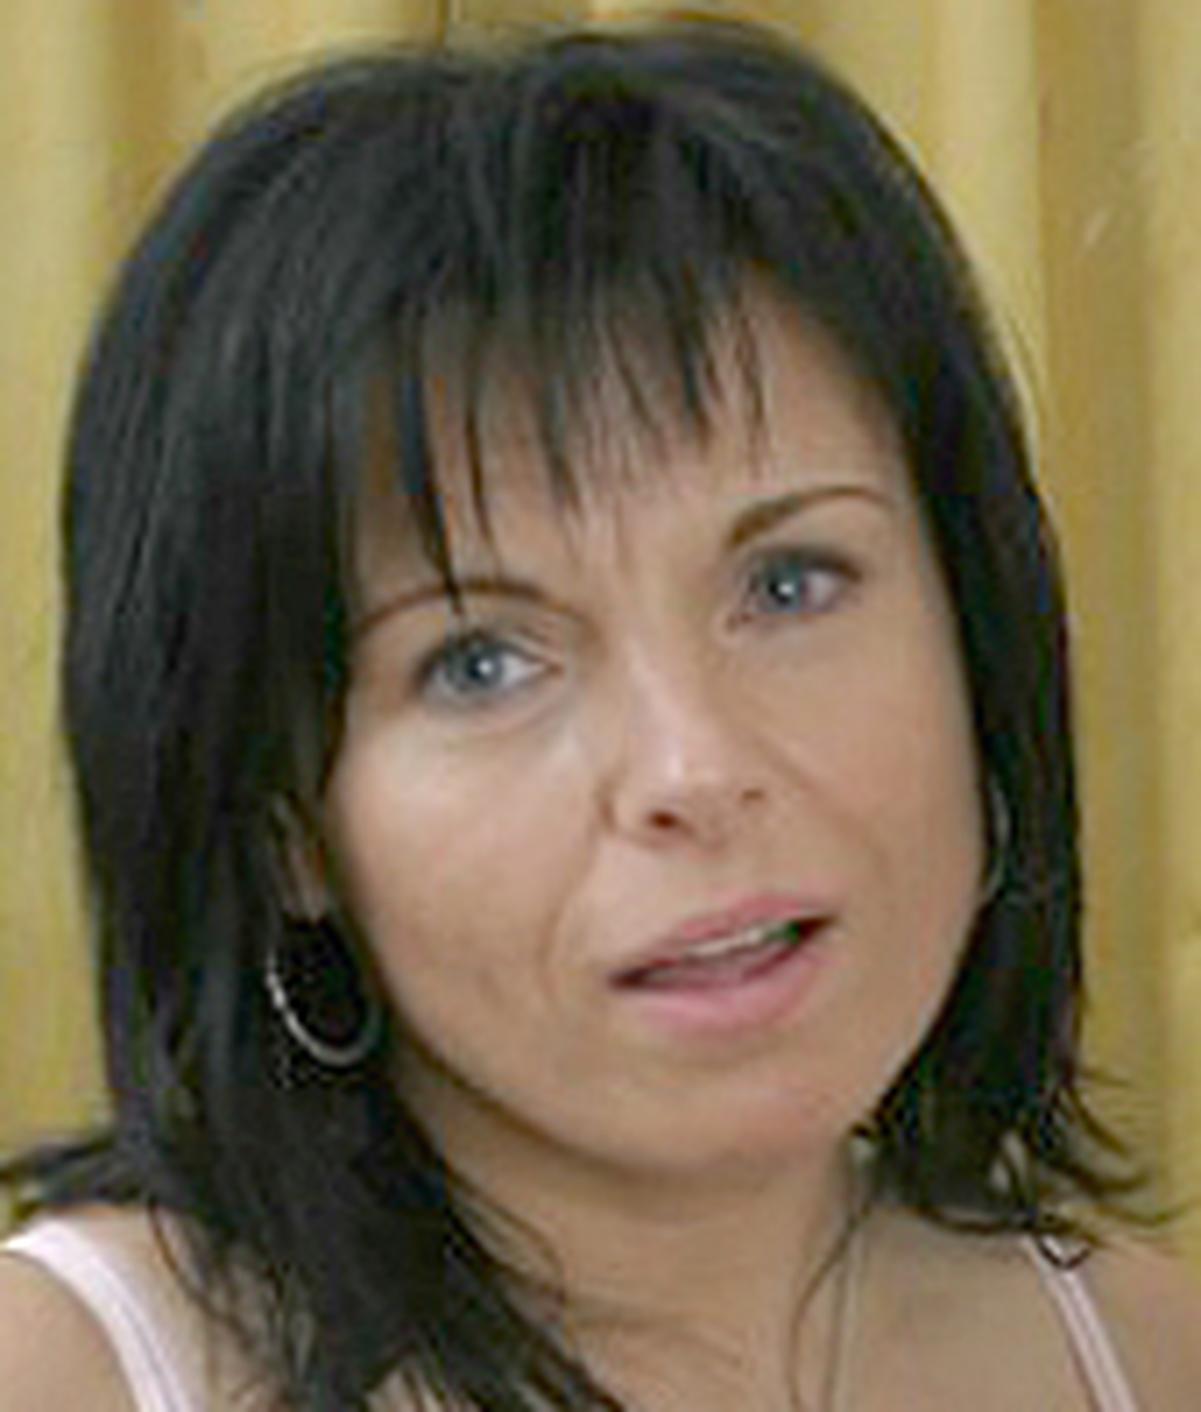 Linnette wiki, Linnette bio, Linnette news